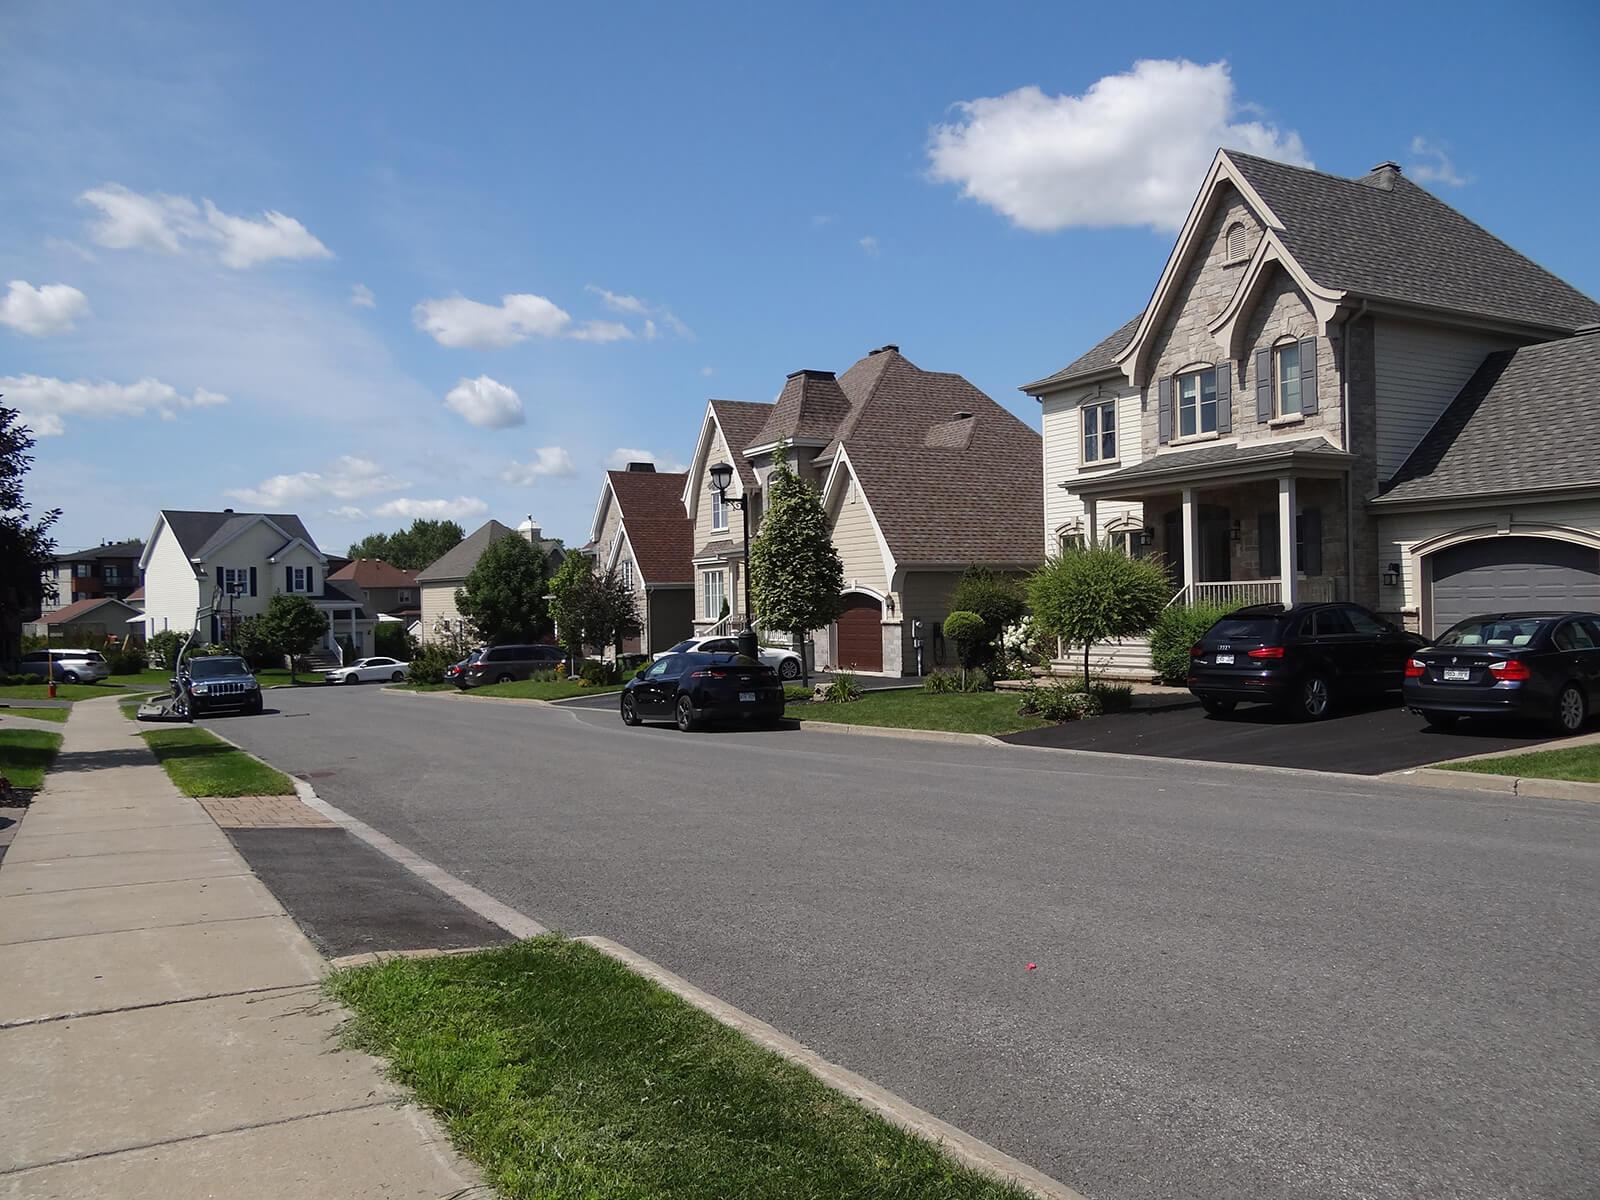 Maisons sur la rue De la Colonelle